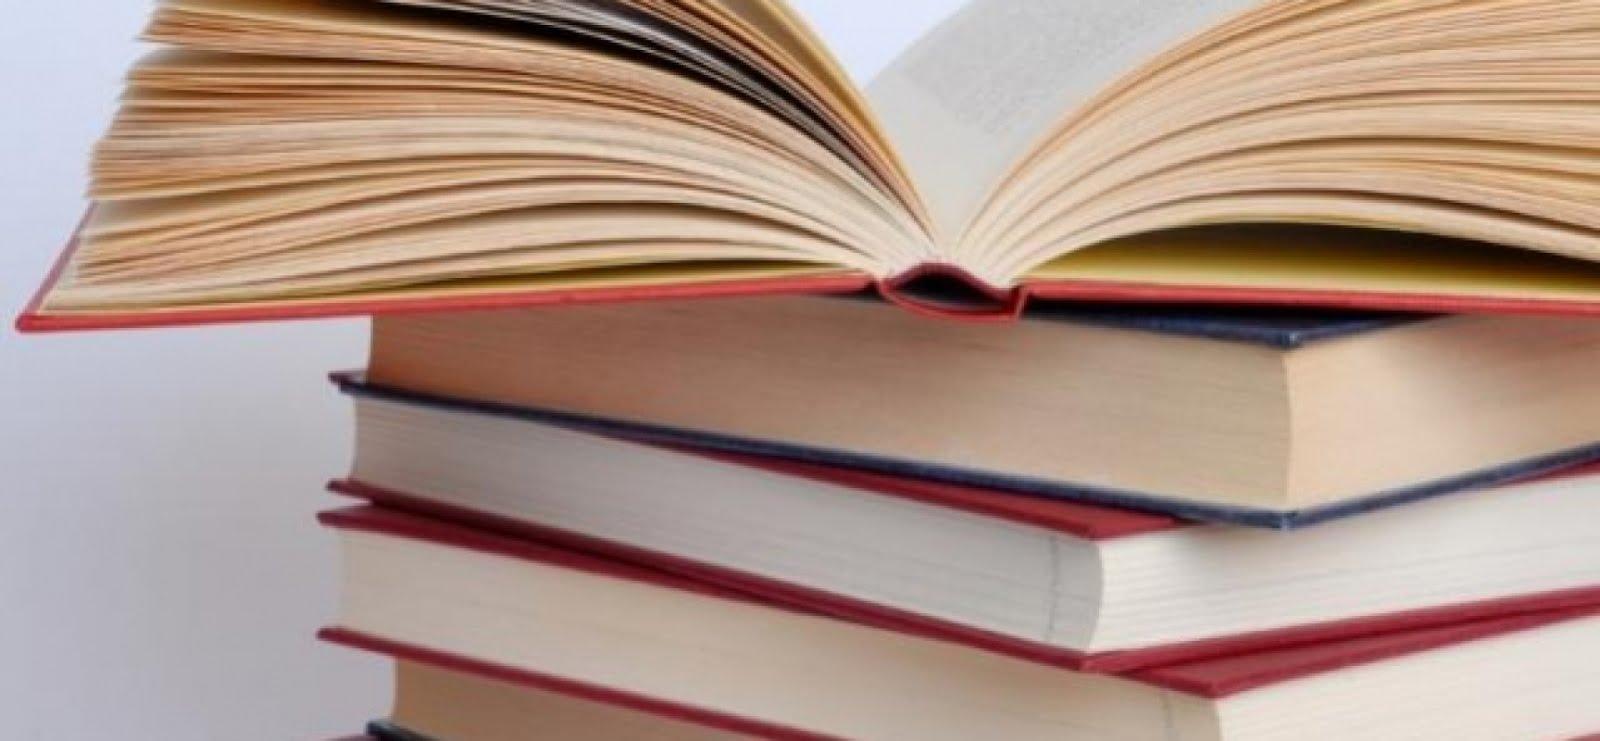 Підручники для школи